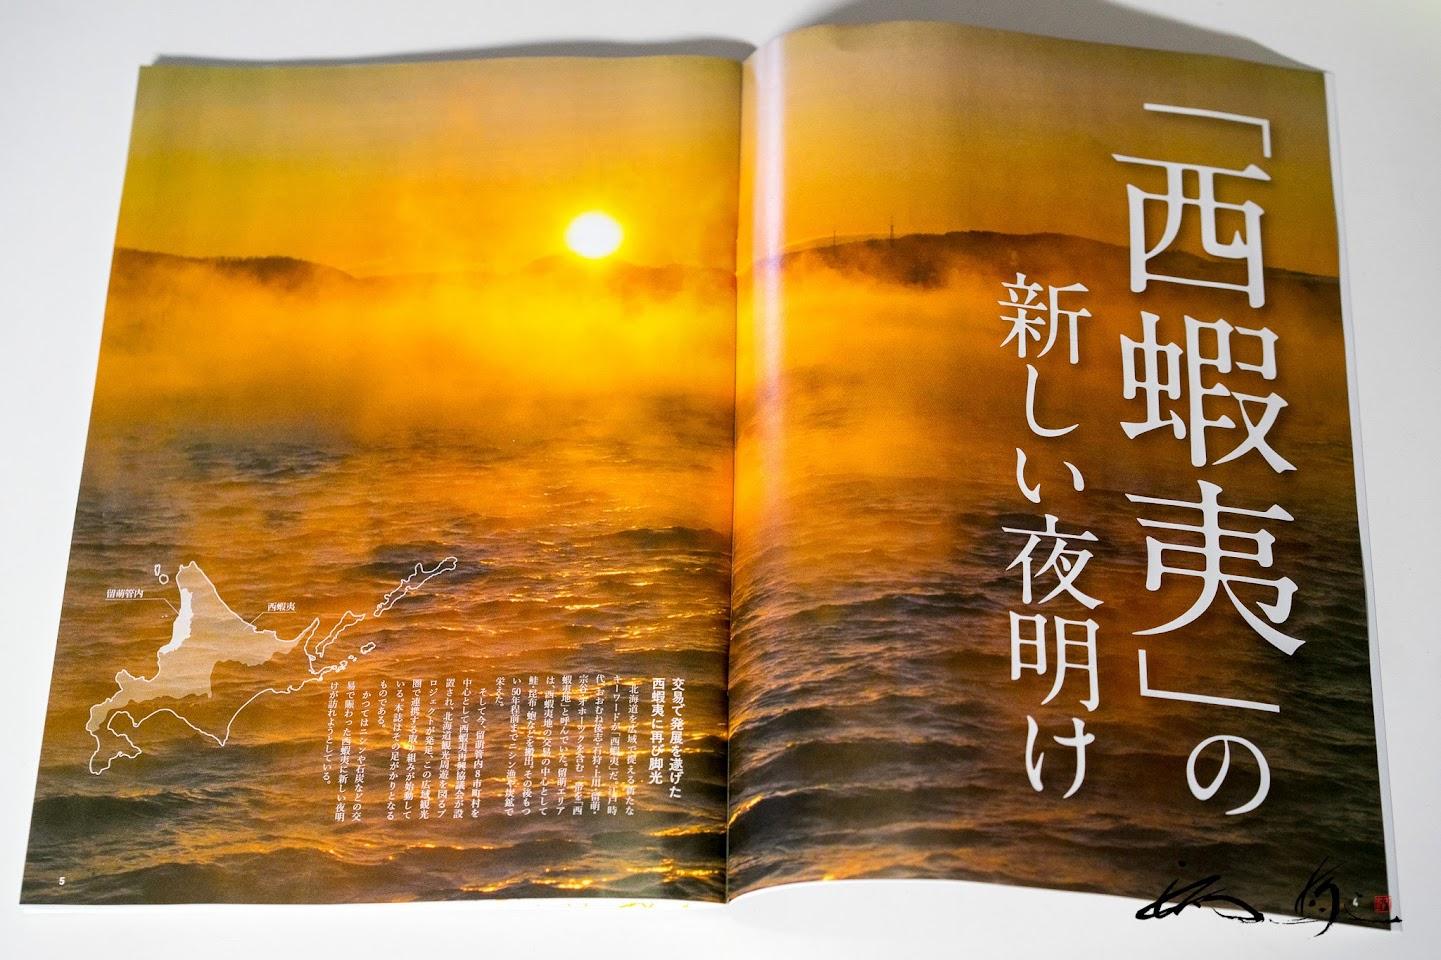 西蝦夷の新しい夜明け